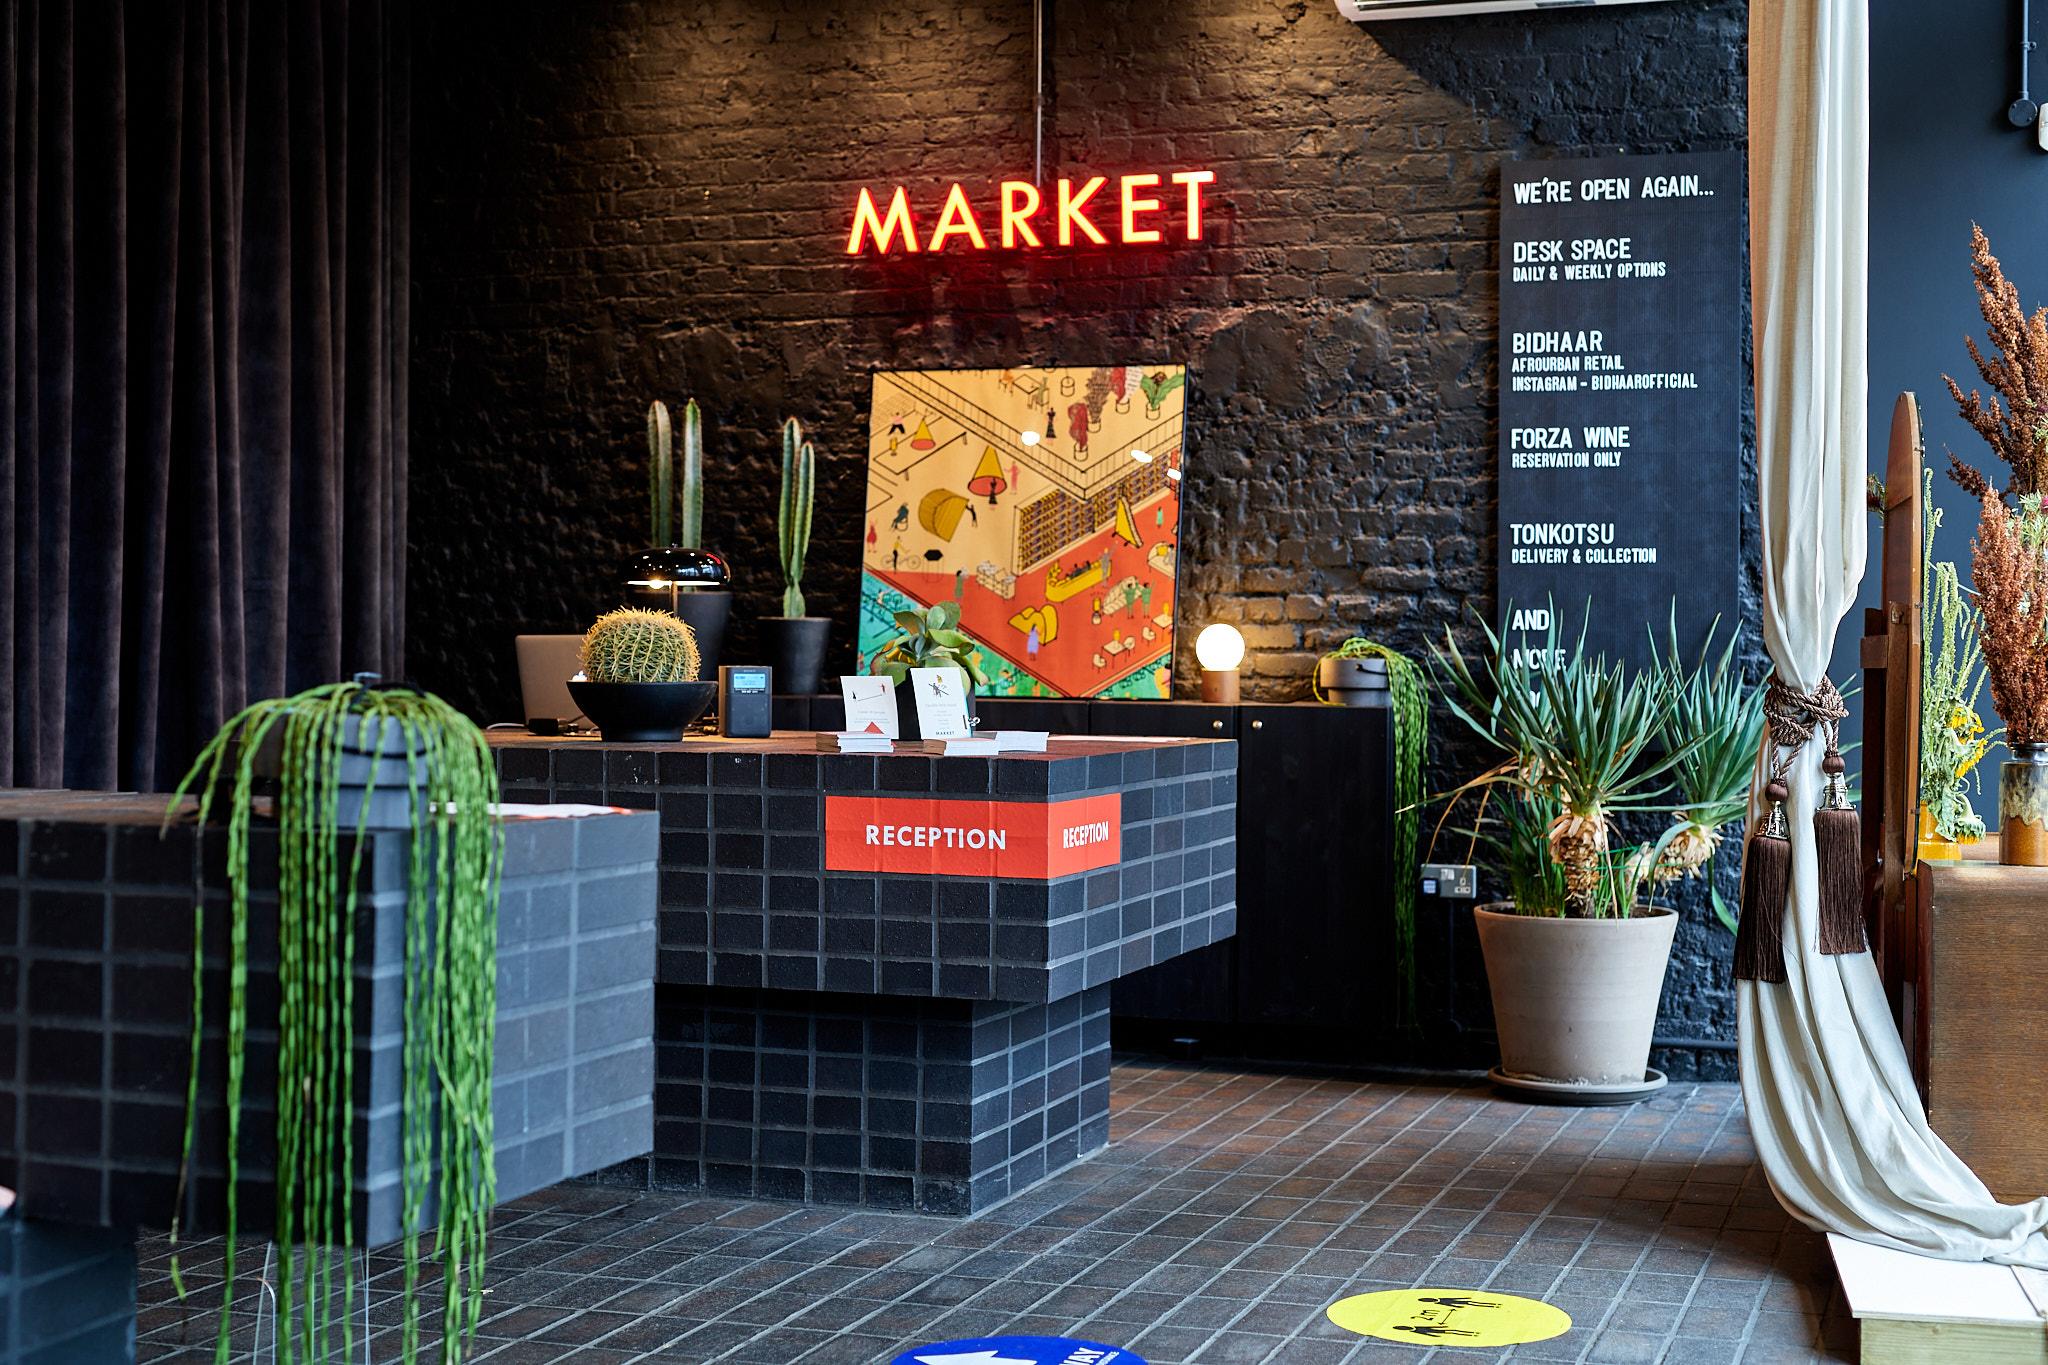 Market, 133a Rye Lane, London, SE15 4BQ